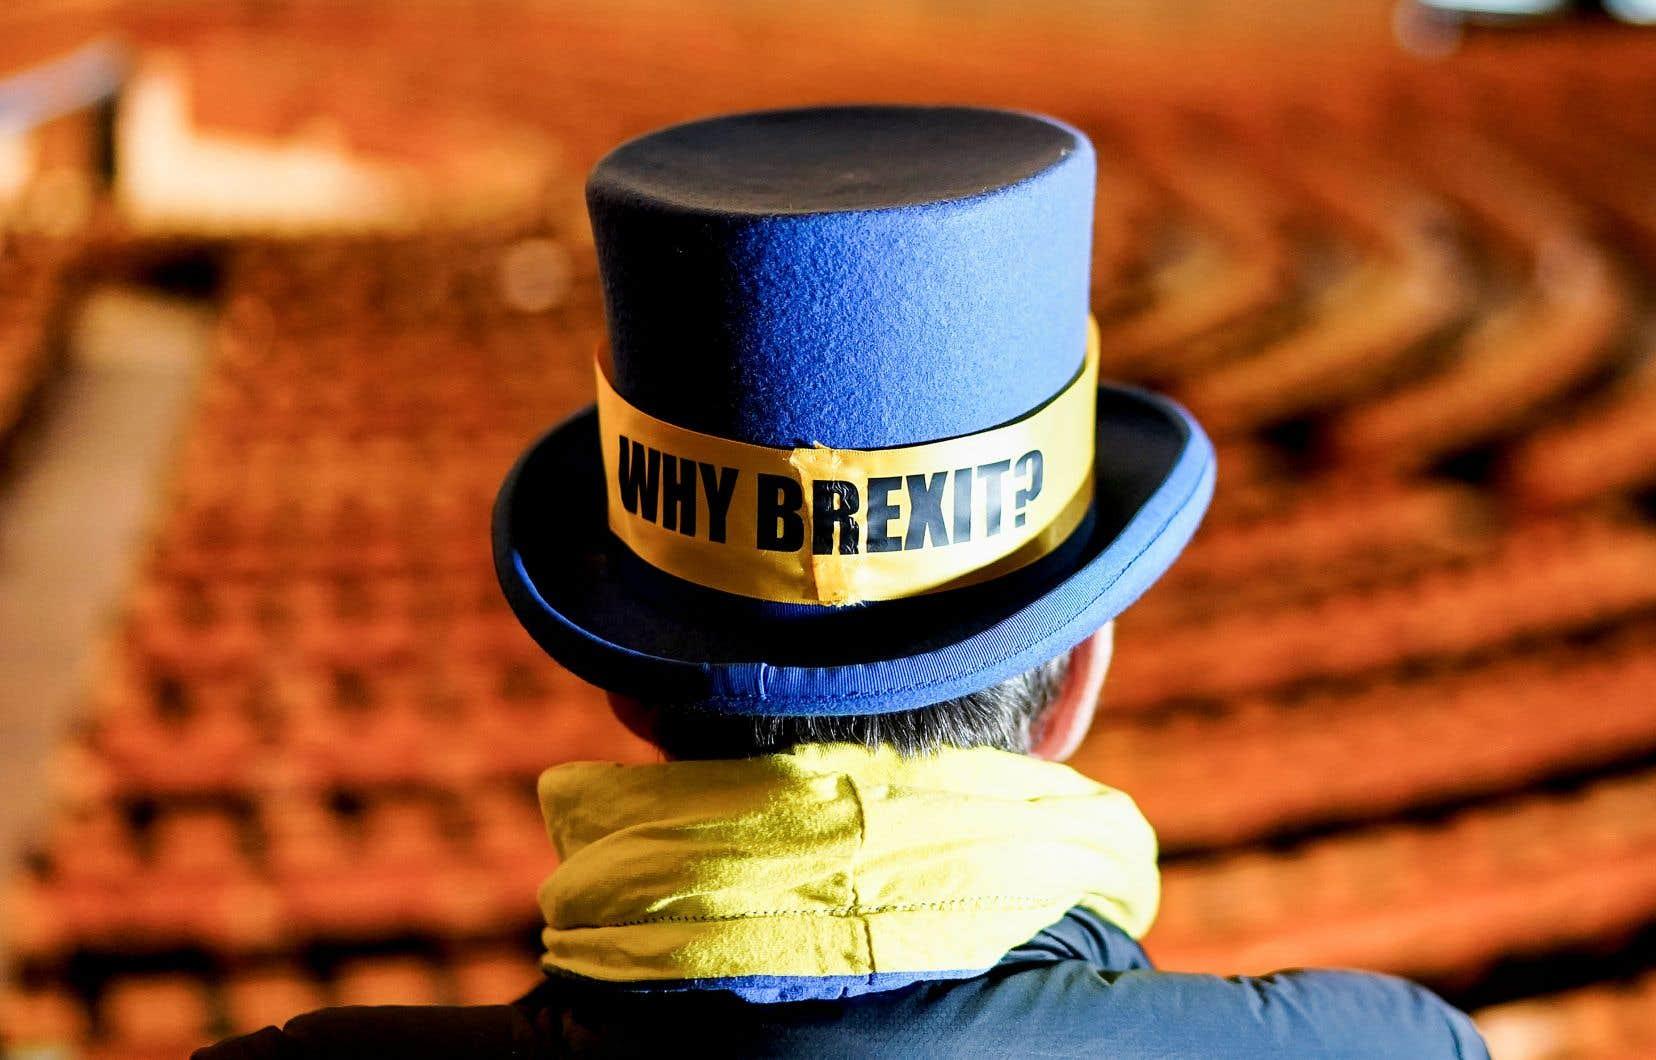 Au Parlement européen, à Bruxelles, la sanction royale a été accueillie avec une certaine résignation, ponctuée de quelques salves plus militantes comme ici, de la part du militant anti-Brexit Steve Bray.